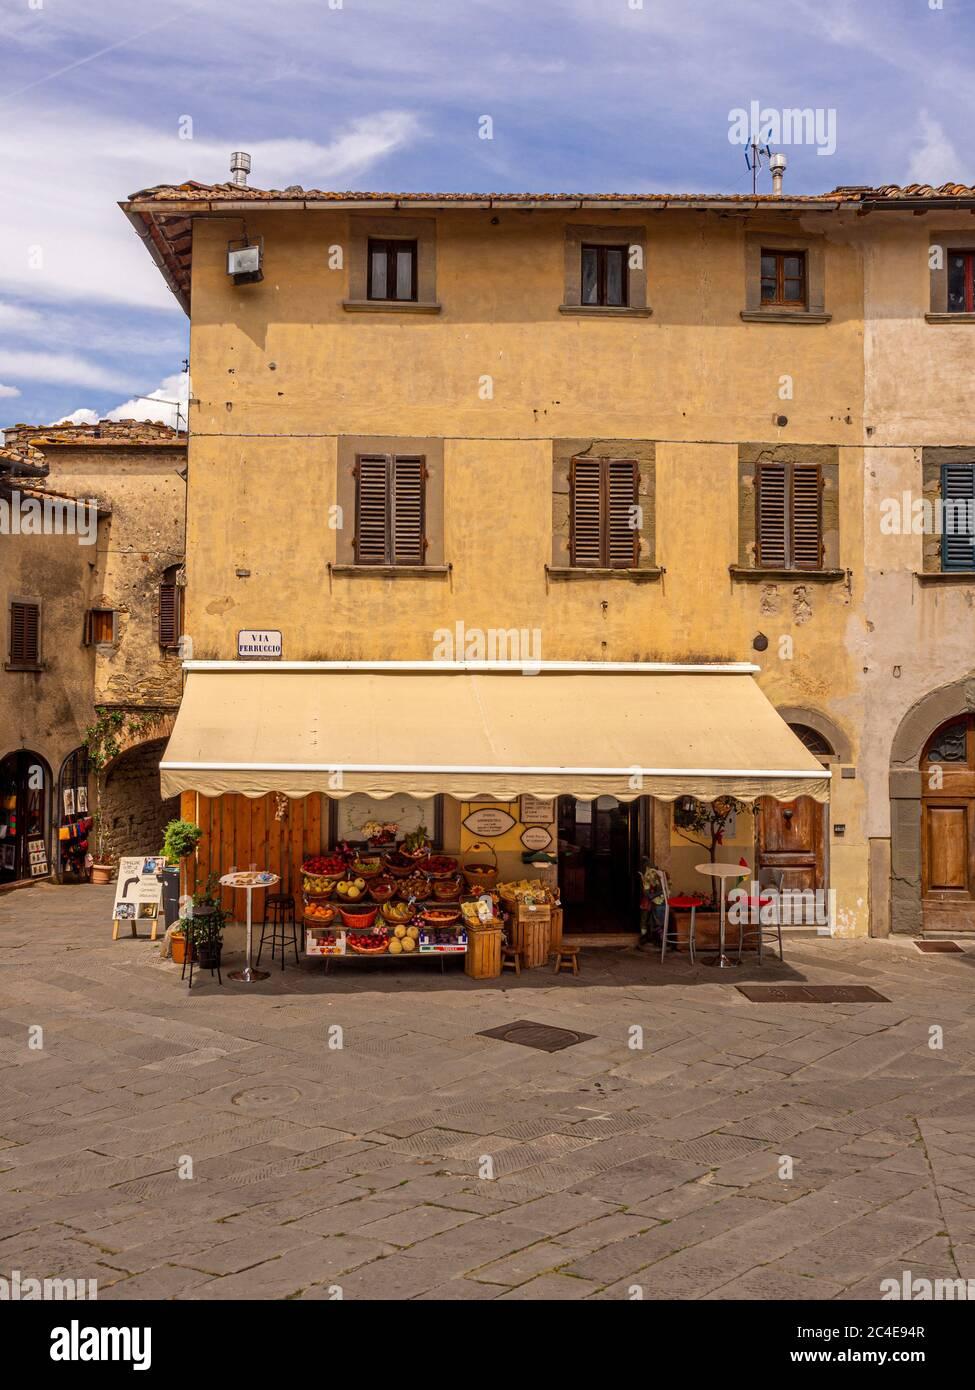 Pequeña cafetería y tienda de frutas en Castellina in Chianti. Toscana, Italia. Foto de stock